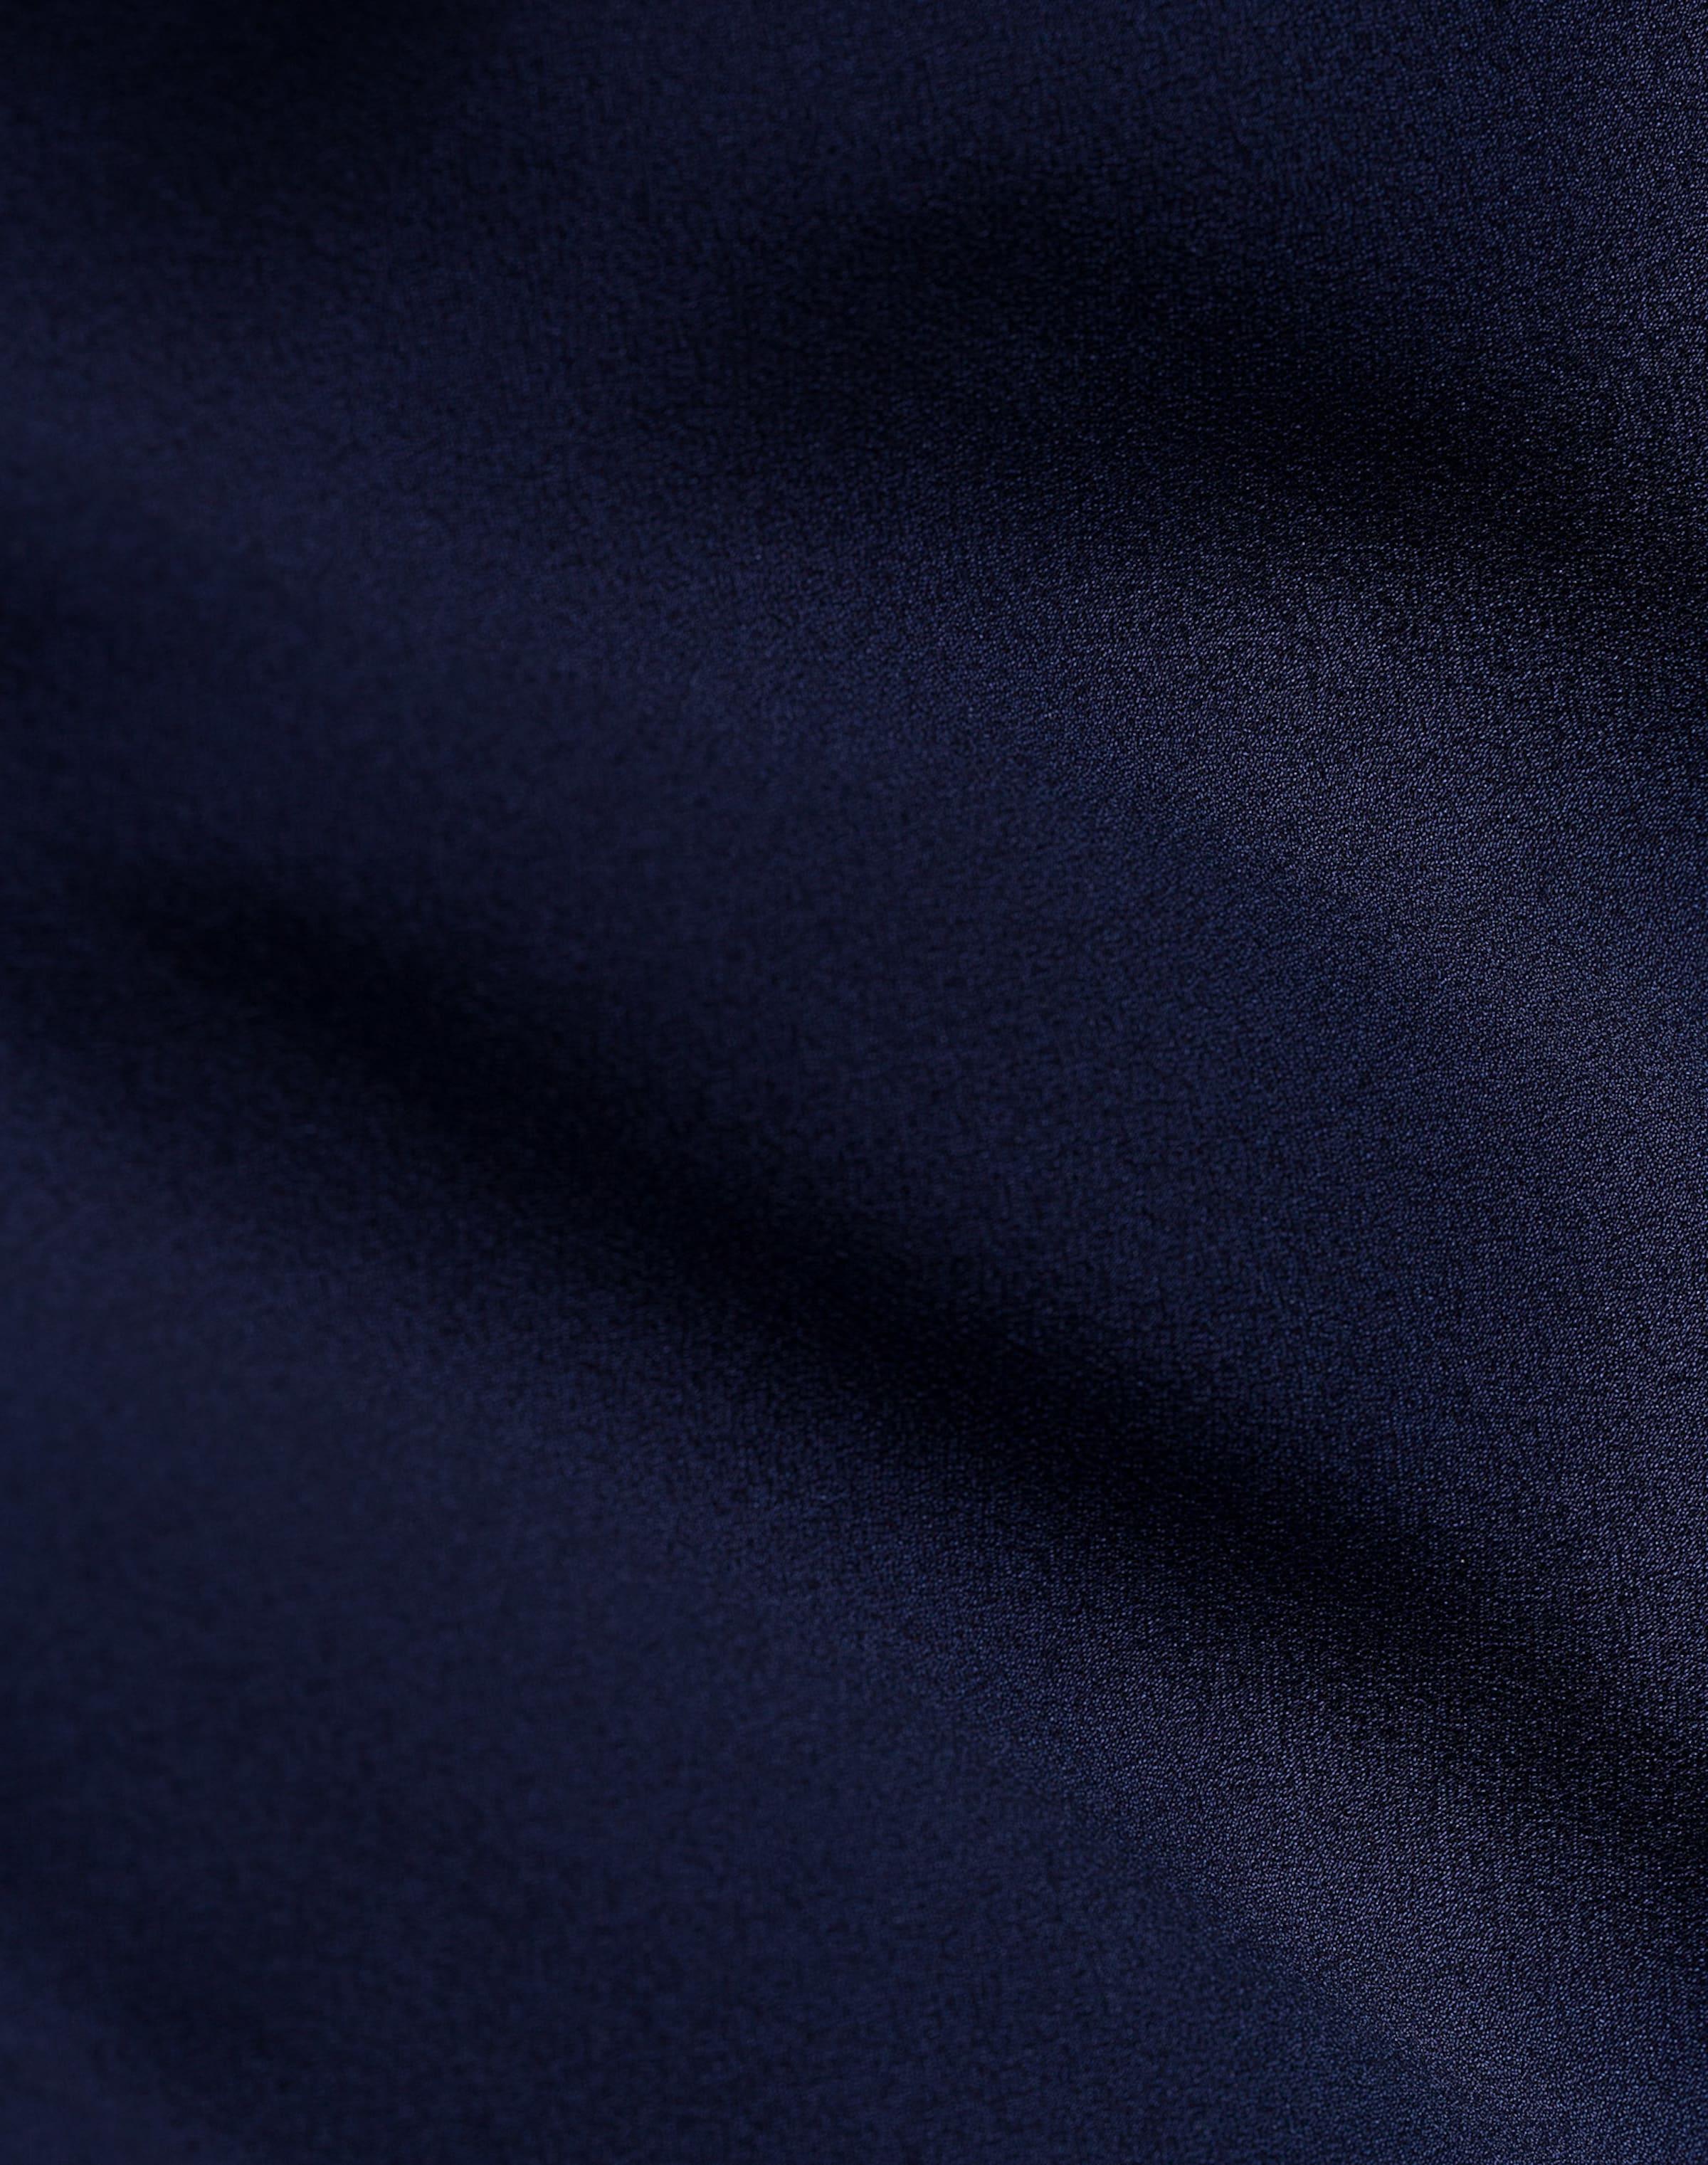 Nachtblau In Oak Jumpsuit Jumpsuit Ivyamp; Ivyamp; Oak N0wPZOknX8